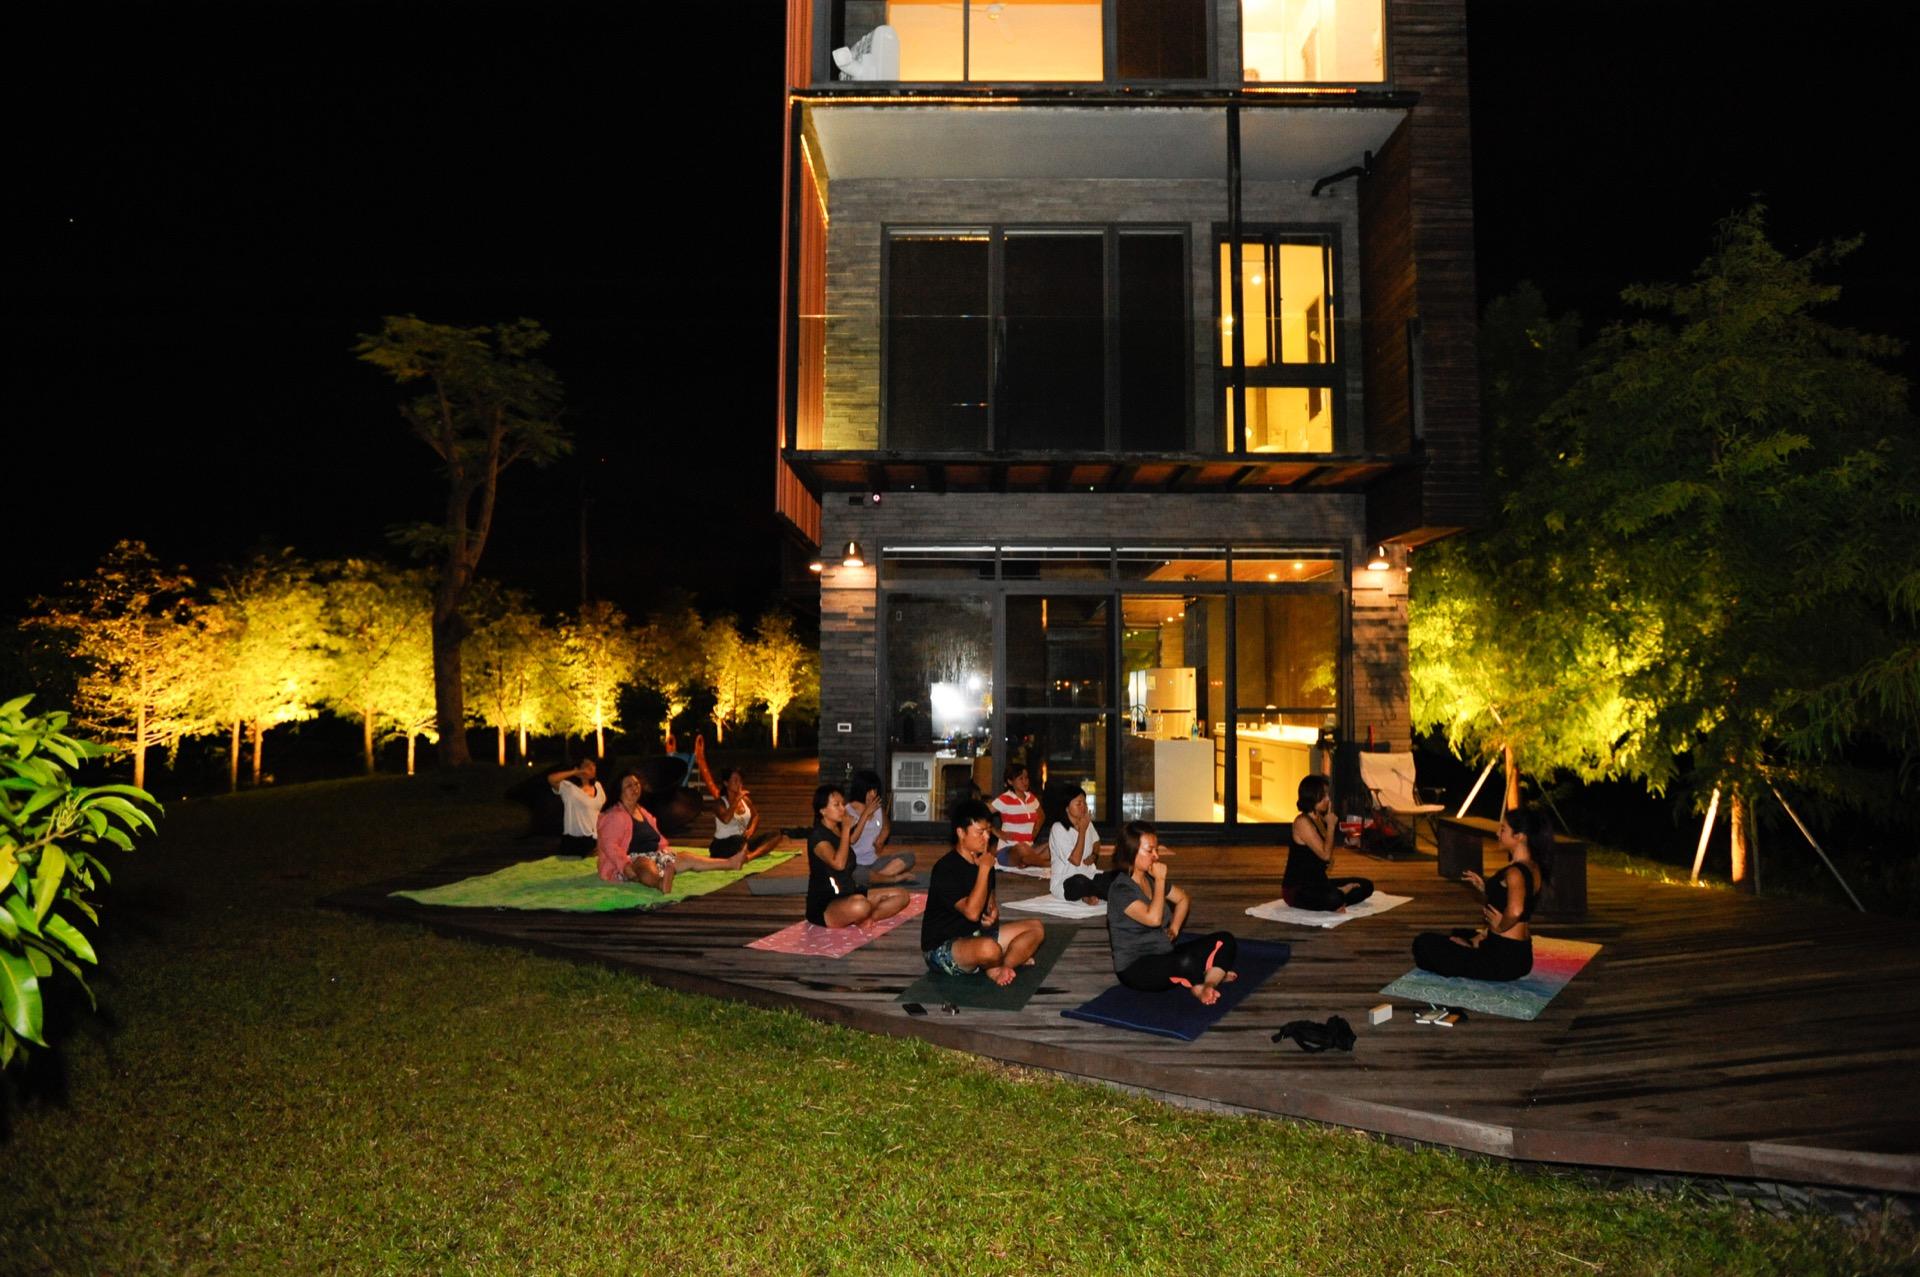 德築-DEZU-project-Fun3sport-night-yoga-5